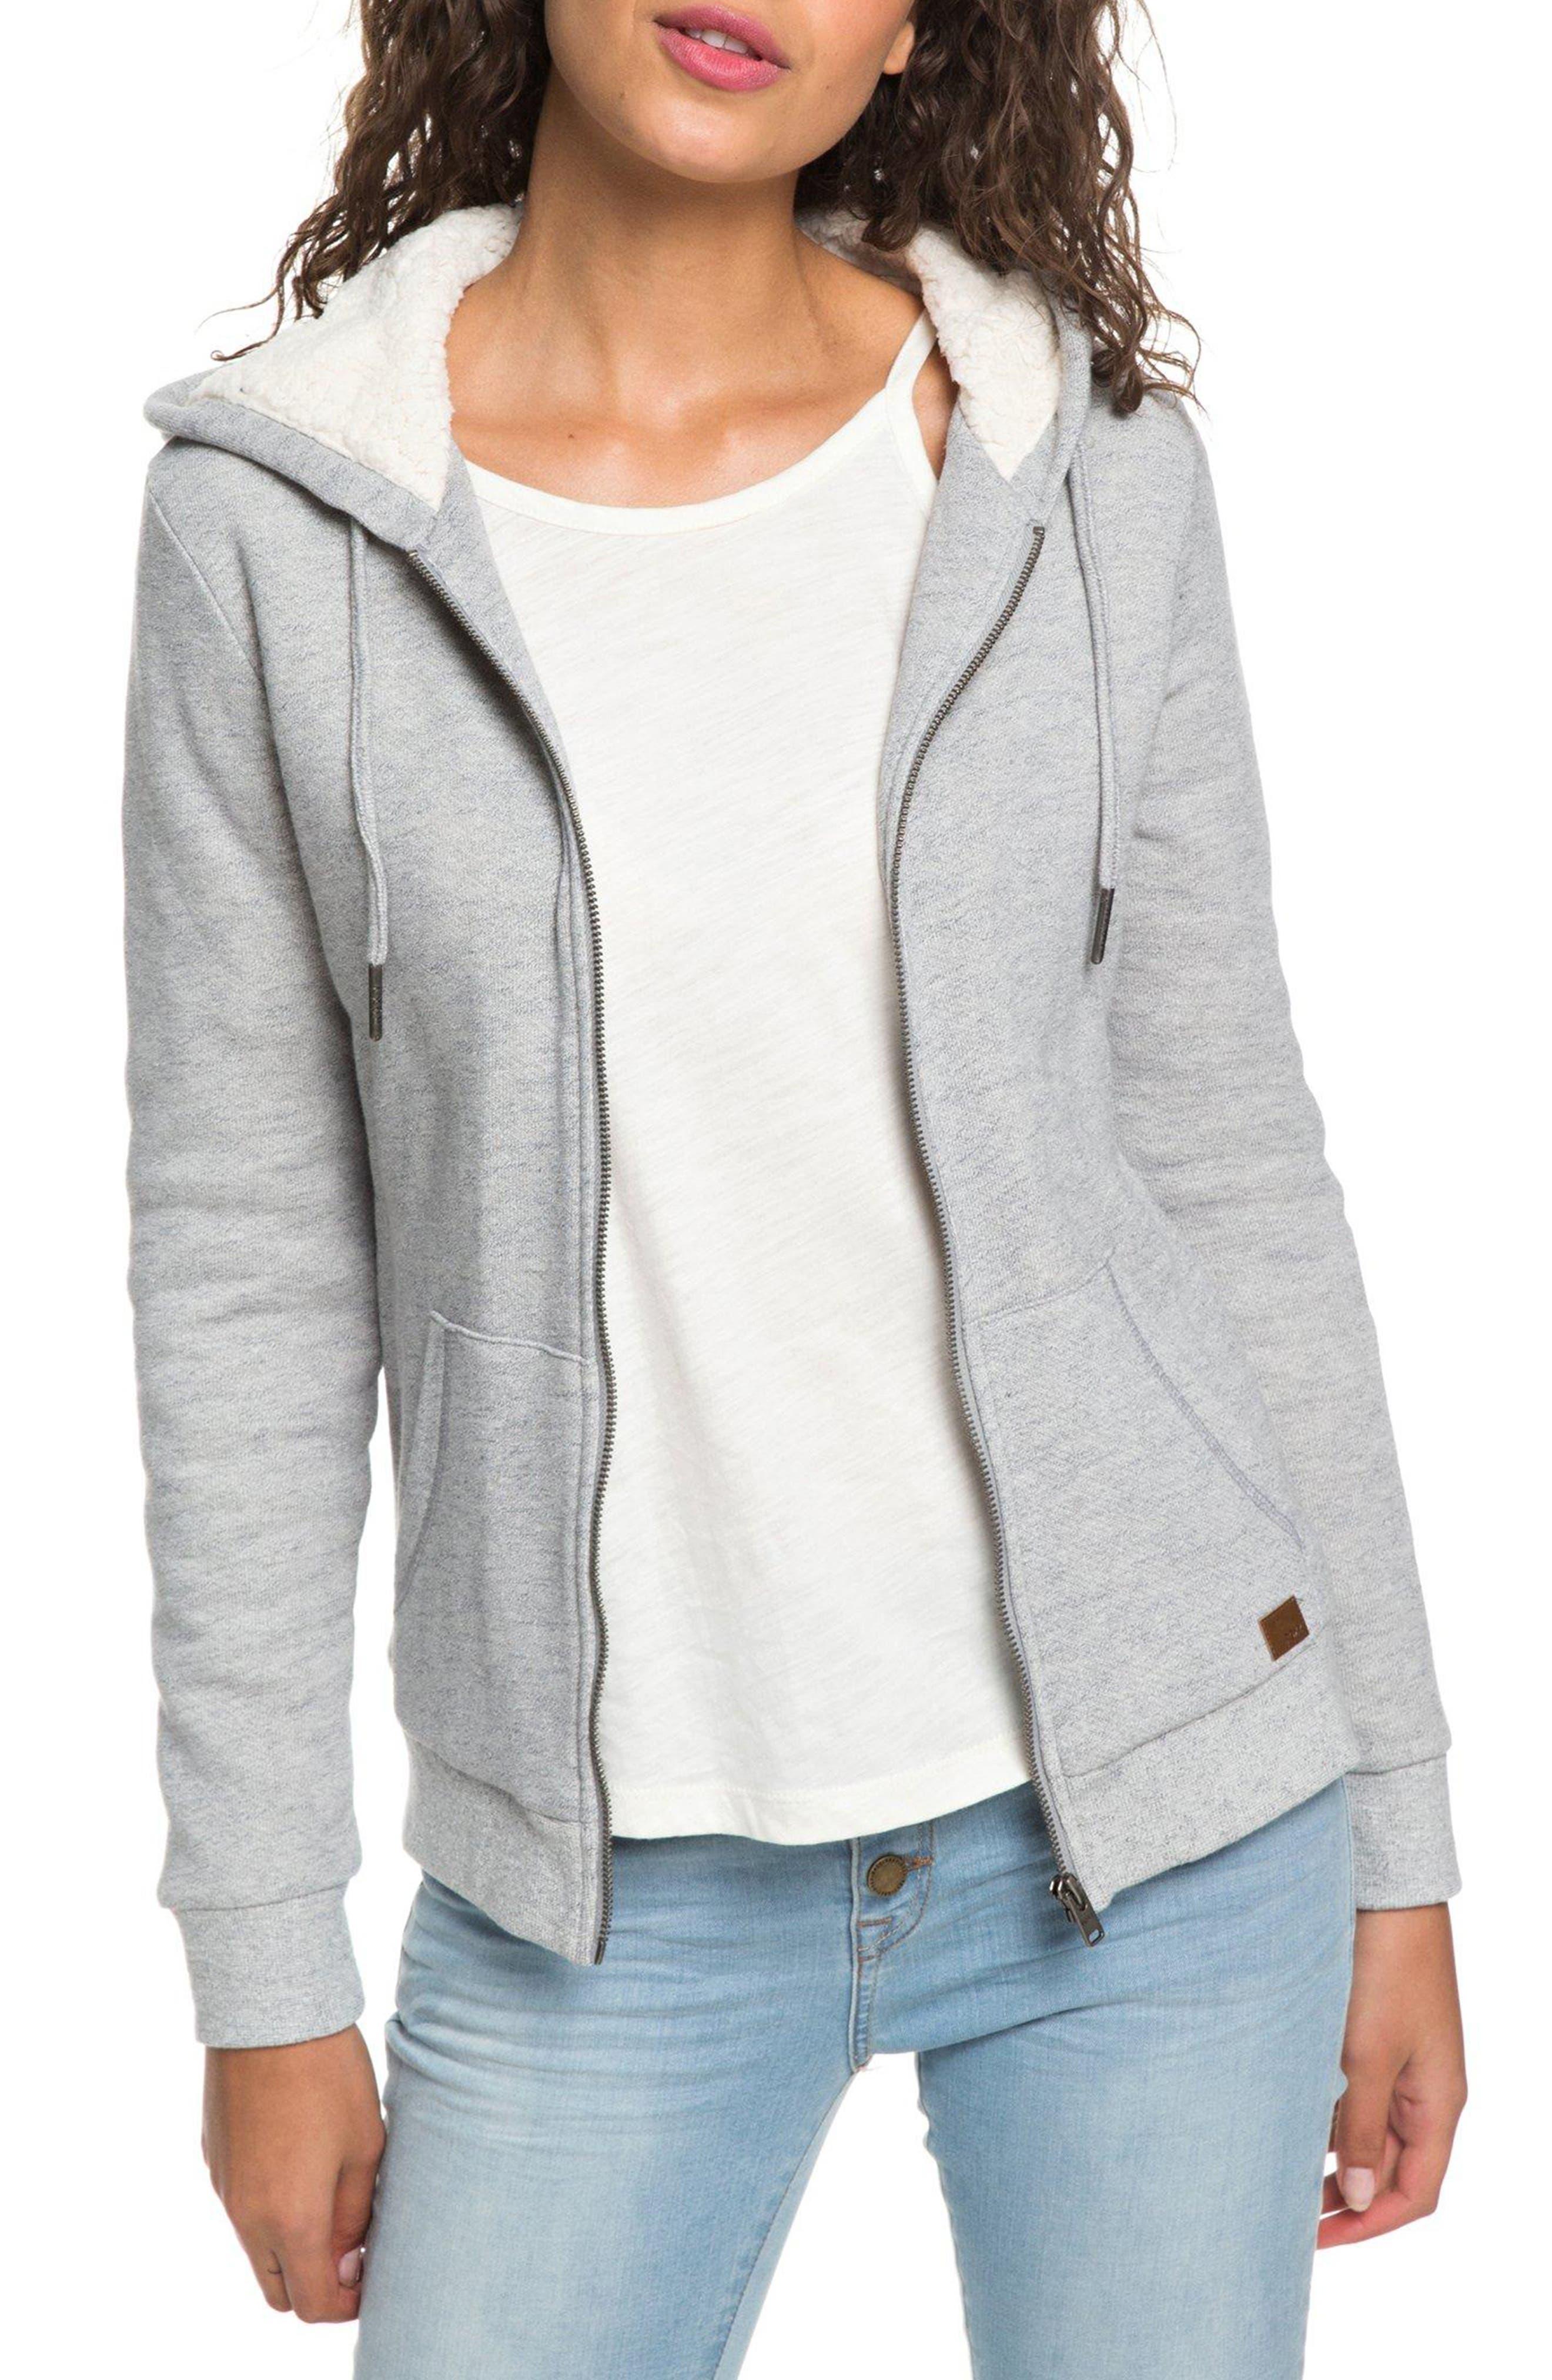 ROXY Fleece Lined Hooded Sweatshirt in Heritage Heather